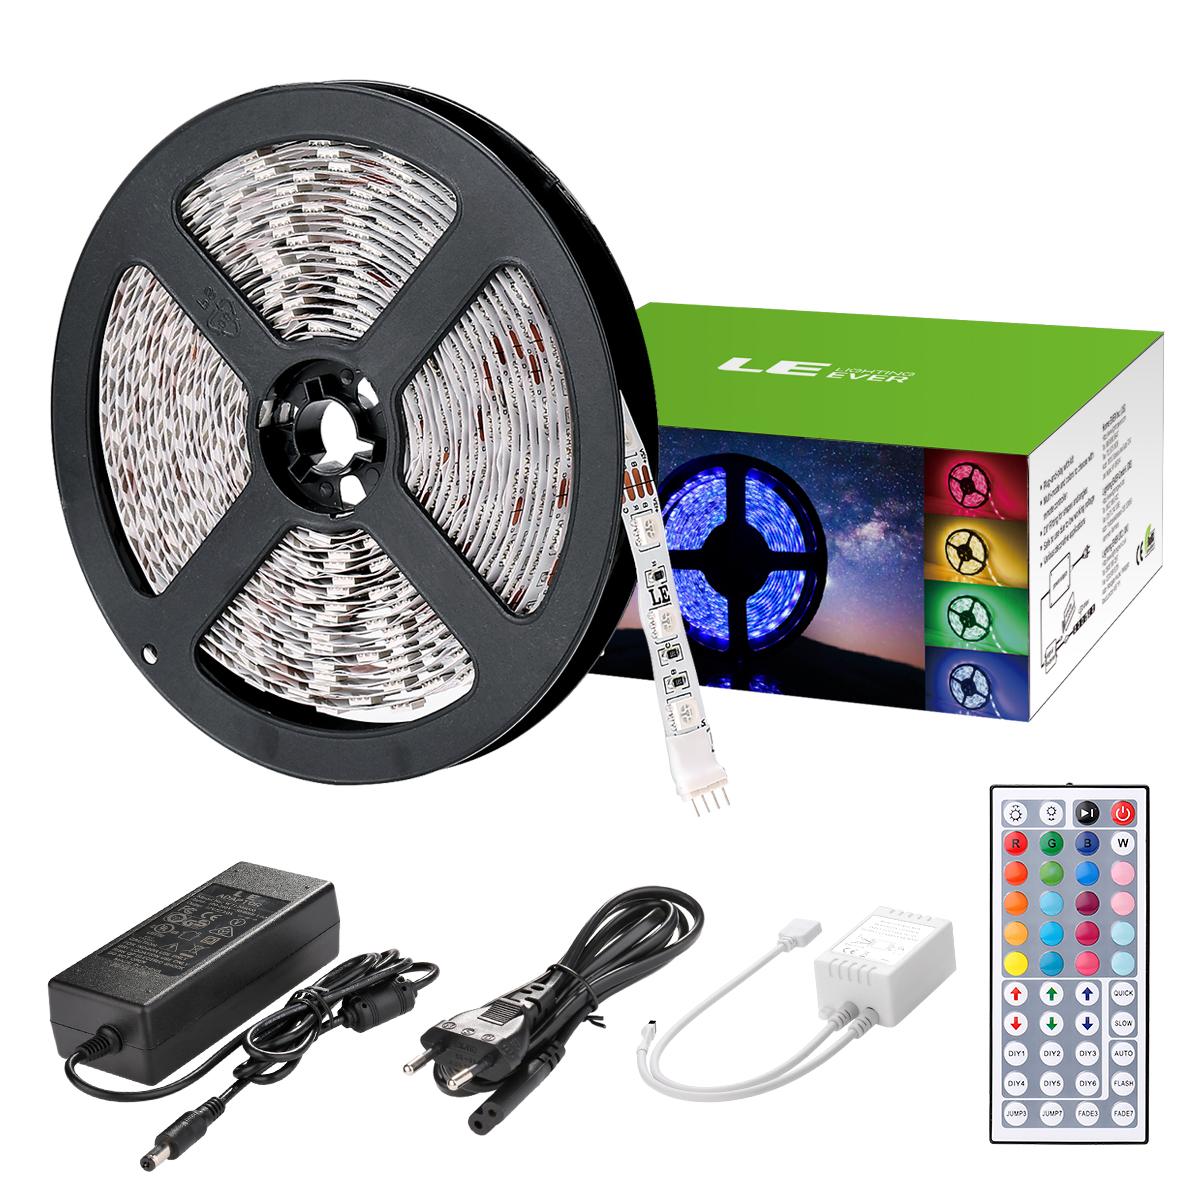 5M 12V RGB LED Streifen Set, 300 LEDs 5050, Mehrfarbig LED Lichtleiste, Non-Wasserdicht, Dekorbeleuchtung für Weihnachten Party